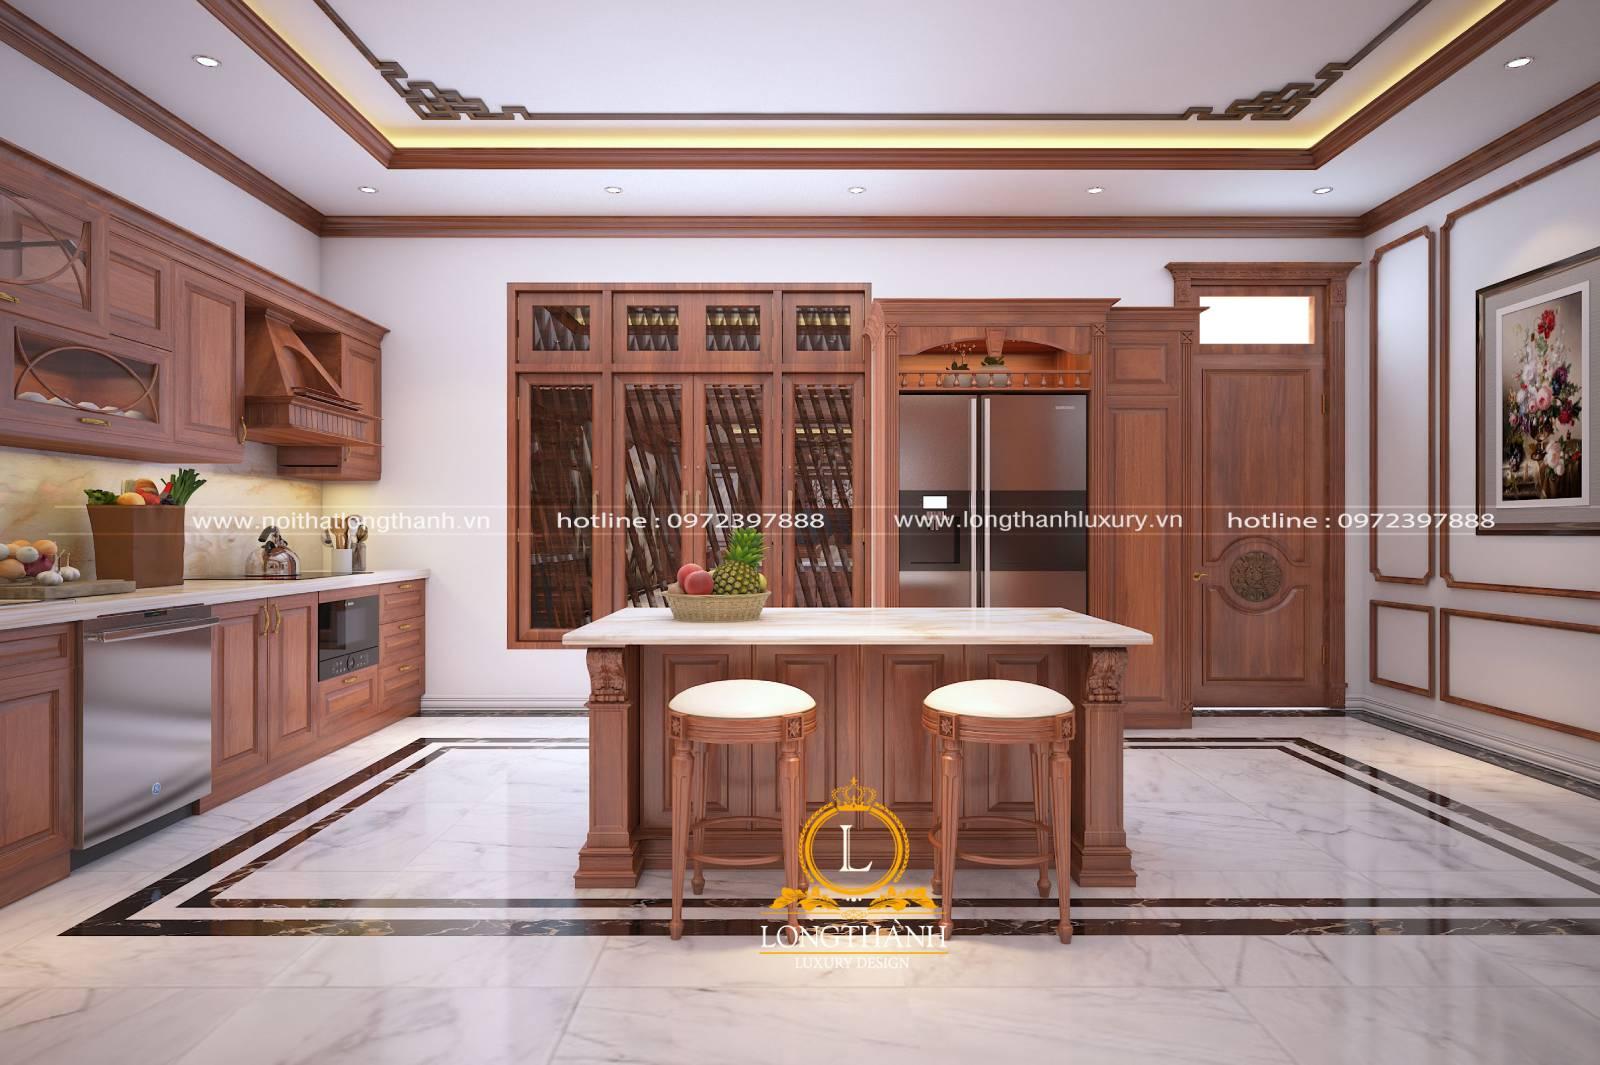 Thiết kế tủ bếp chữ I gỗ Gõ đồng bộ với tổng thể nội thất nhà